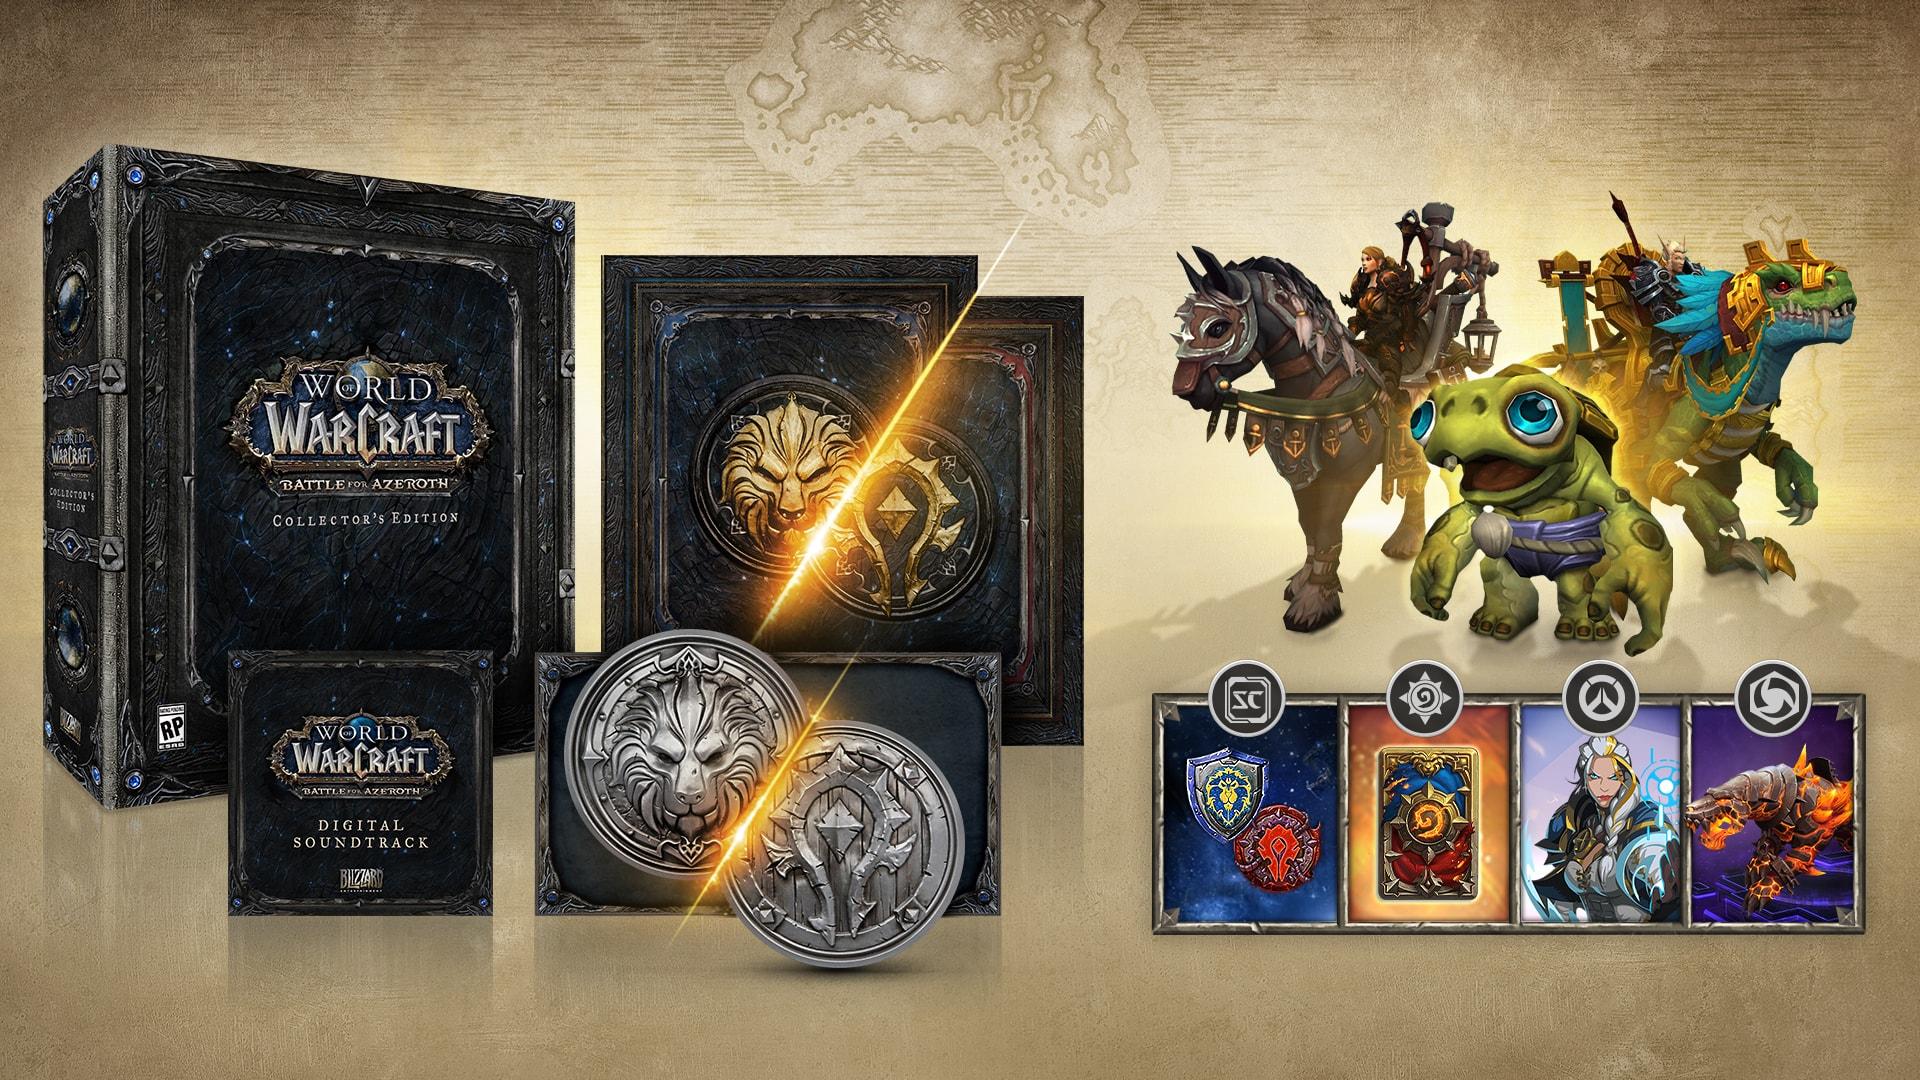 Znalezione obrazy dla zapytania World of Warcraft - Battle for Azeroth kolekcjonerska